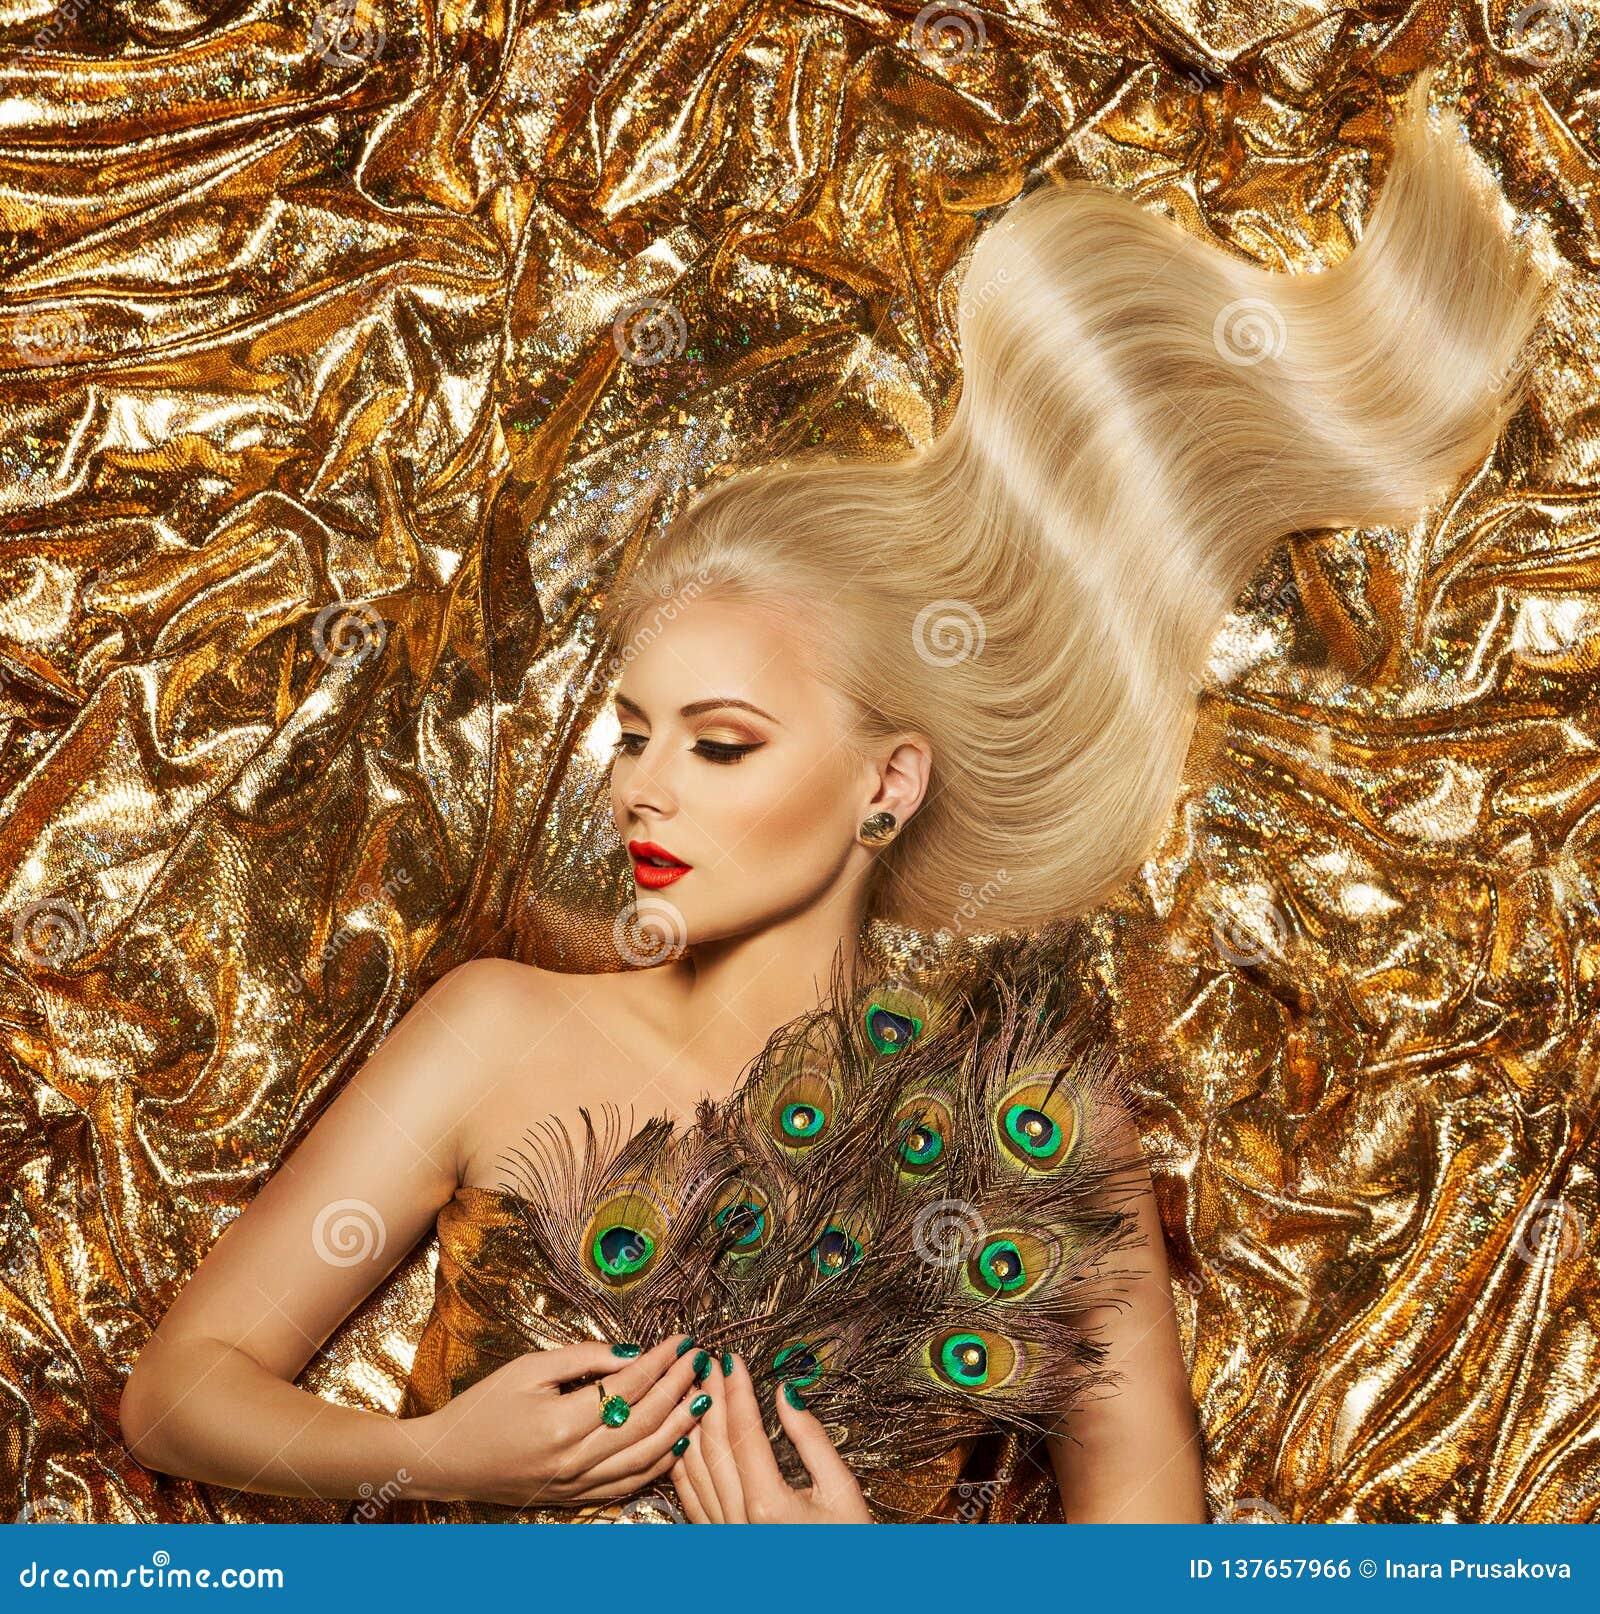 Cabelo do ouro, modelo de forma Golden Waves Hairstyle, menina loura na tela efervescente